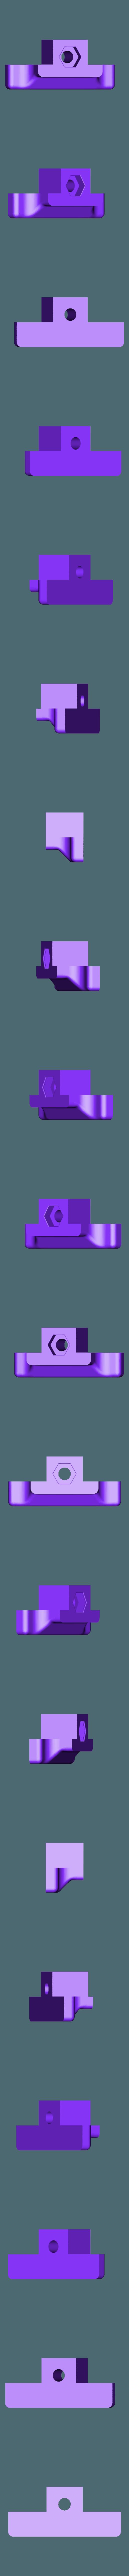 CornerClamp_Clamp.stl Télécharger fichier STL gratuit Bride d'angle • Plan pour impression 3D, MinorSymphony